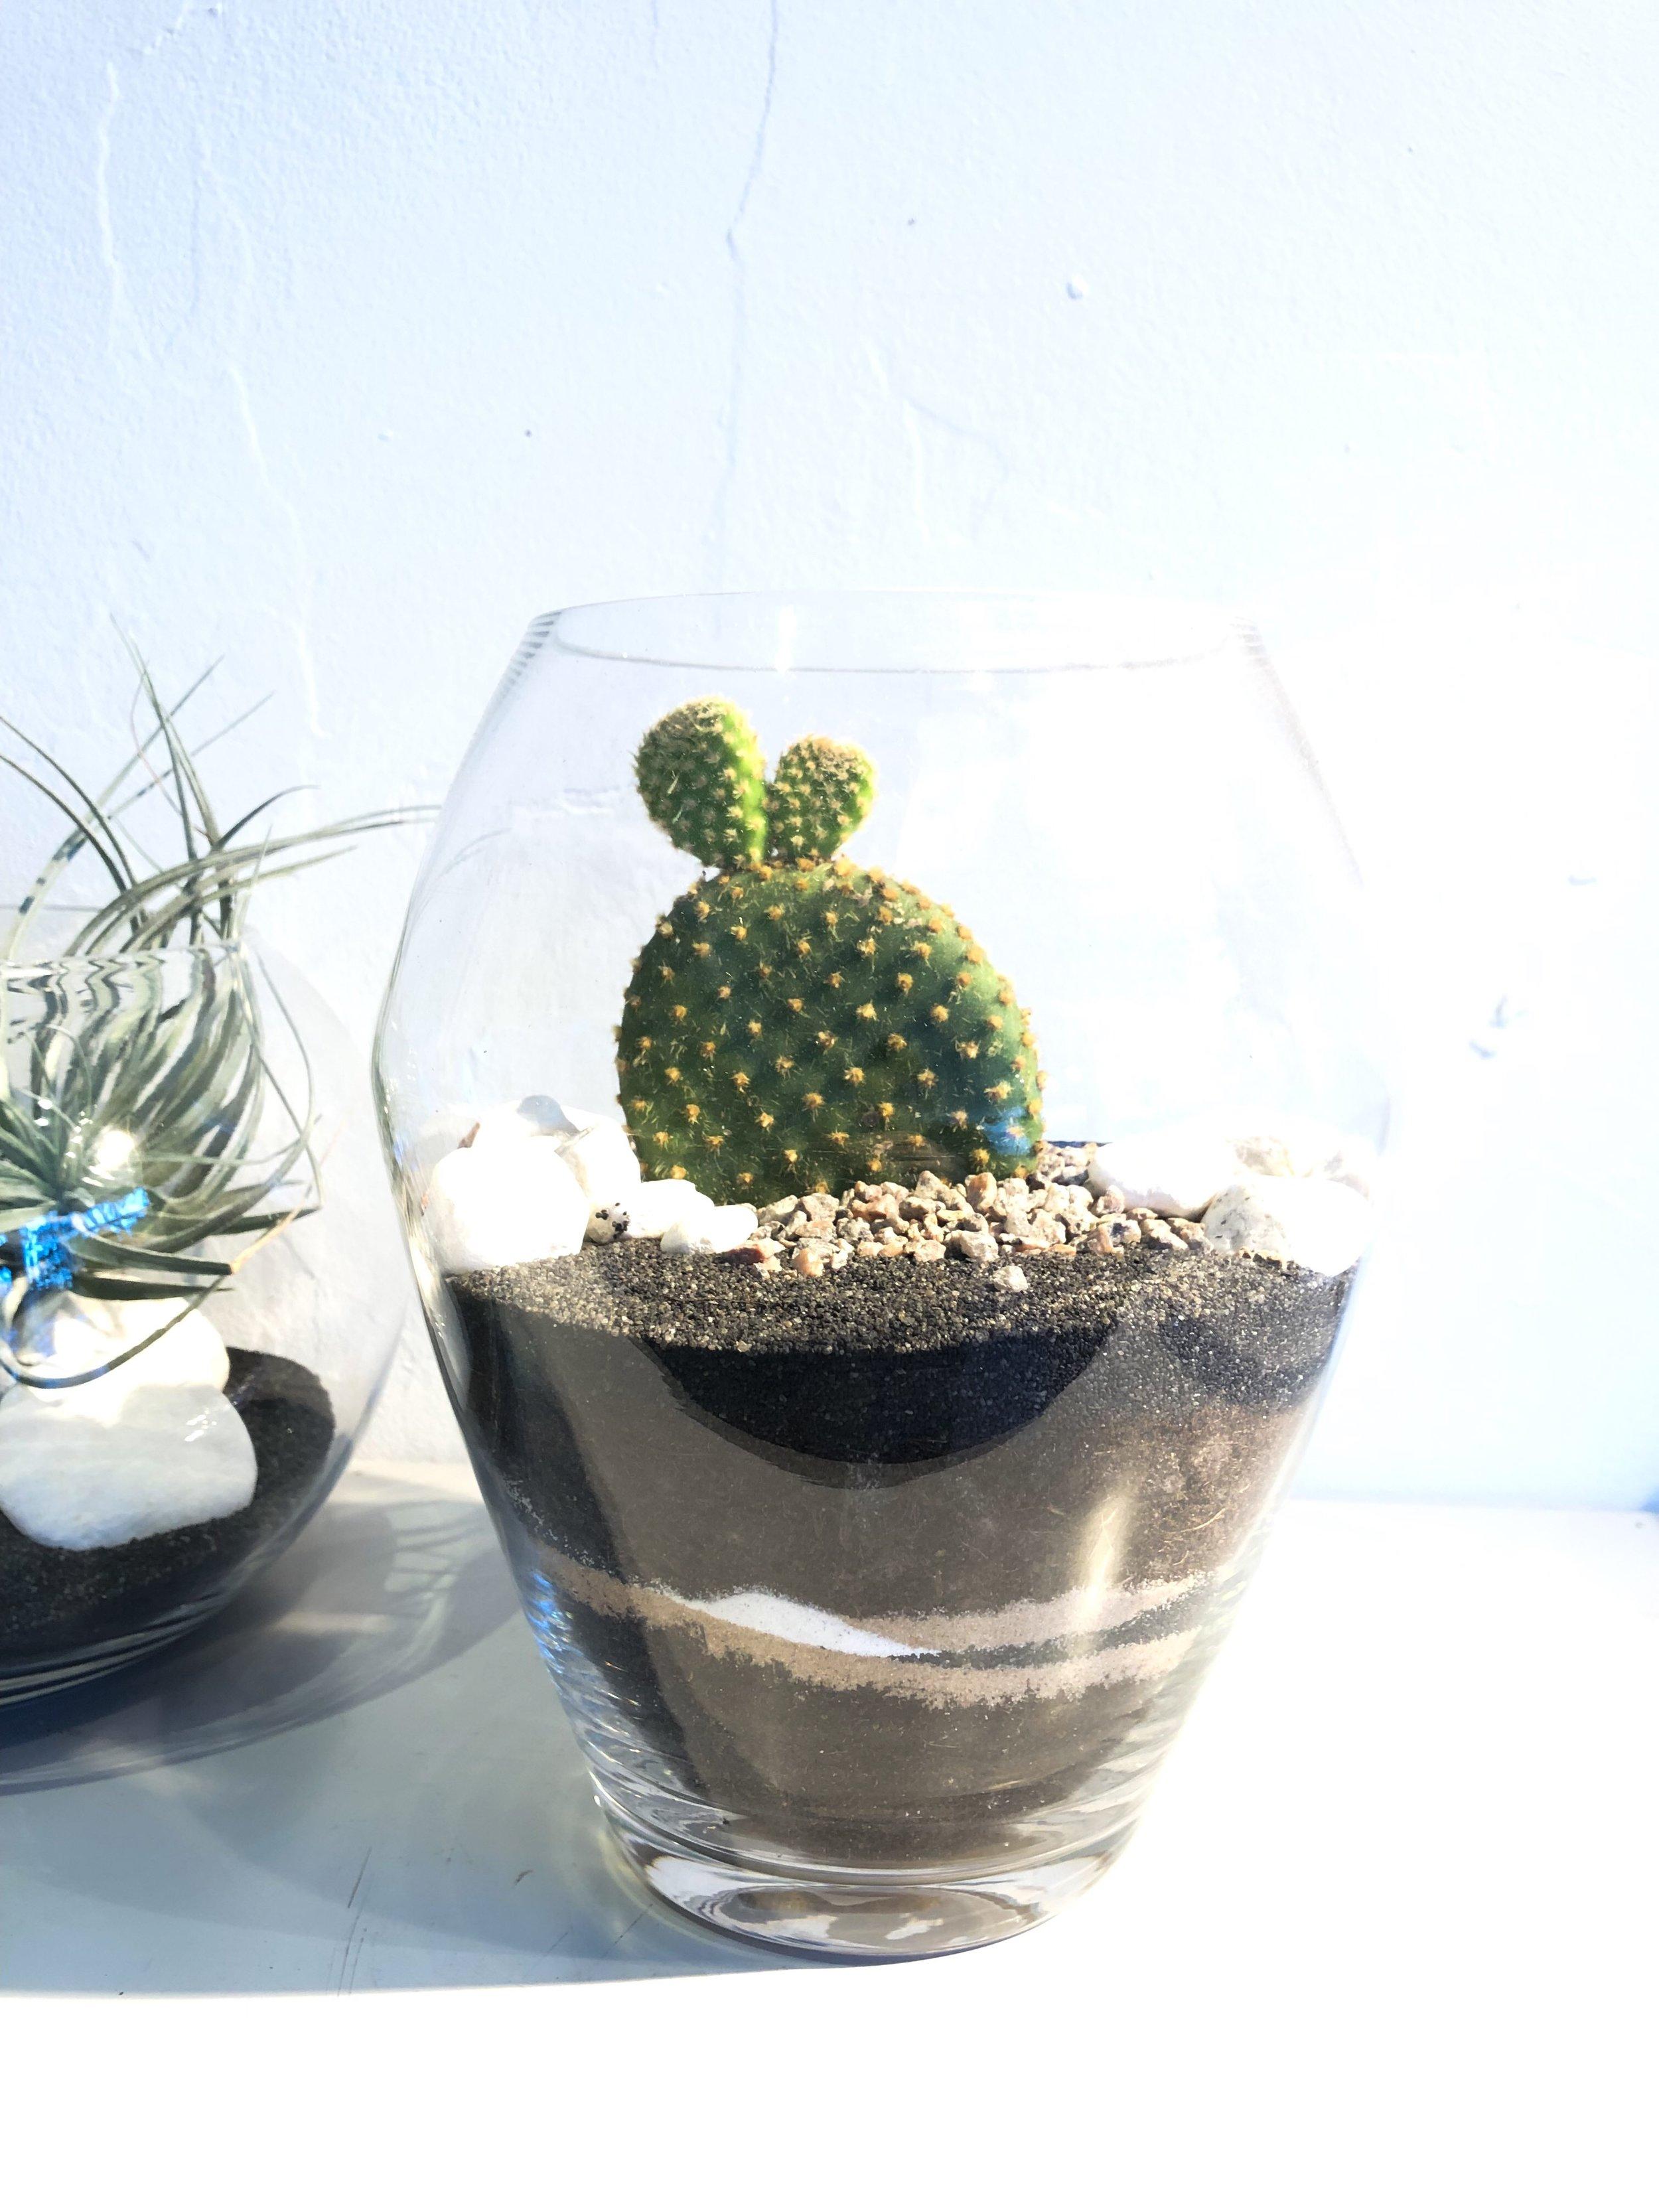 cactus terrarium, cactus terrarium kit, cactus terrarium for sale, hanging cactus terrarium, cactus terrarium care